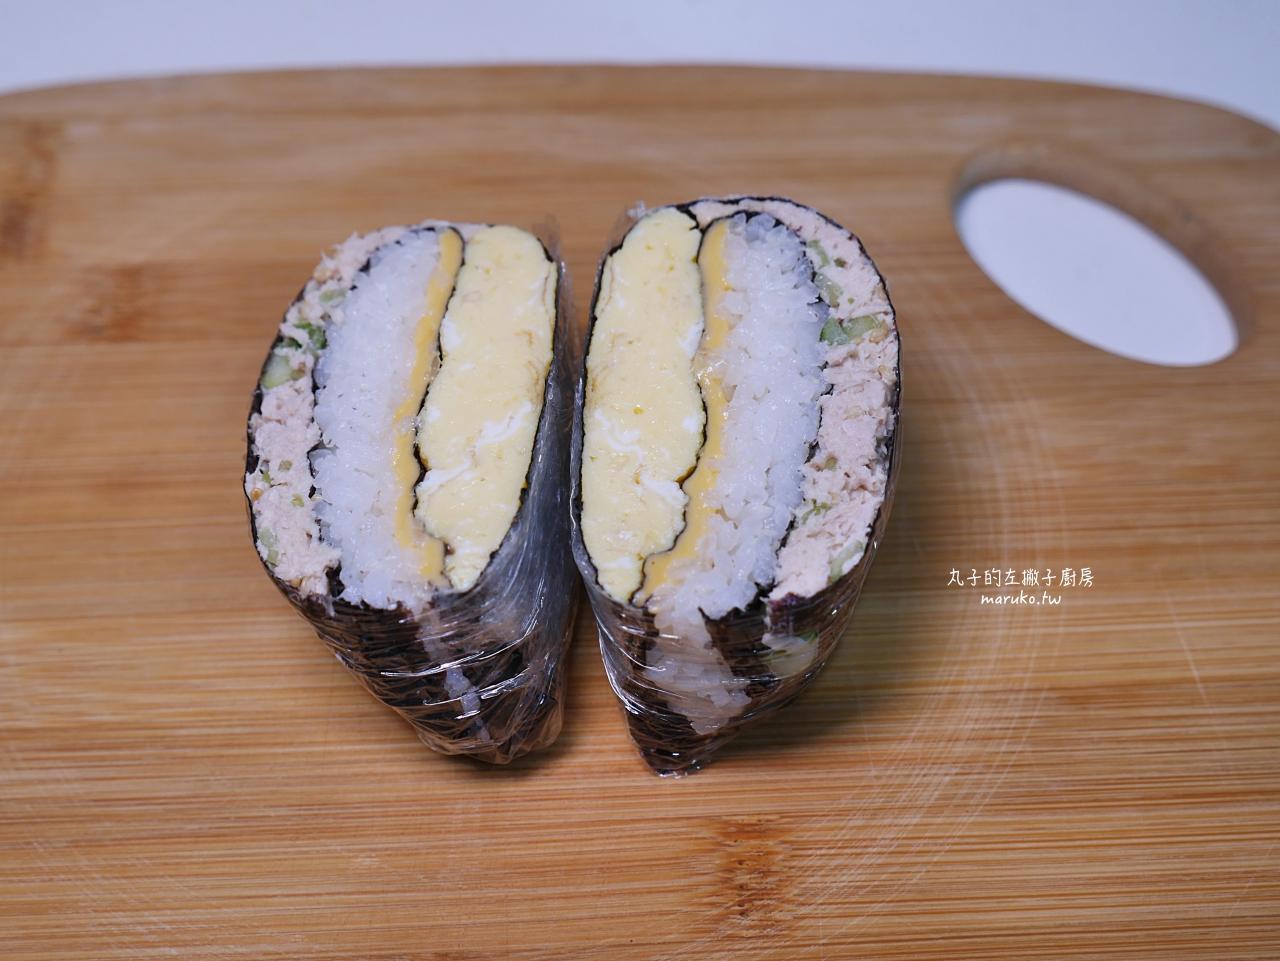 【食譜】摺疊紫菜包飯/不用捲只要三個步驟做韓式紫菜包飯/鮪魚沙拉這樣做更爽口 @Maruko與美食有個約會